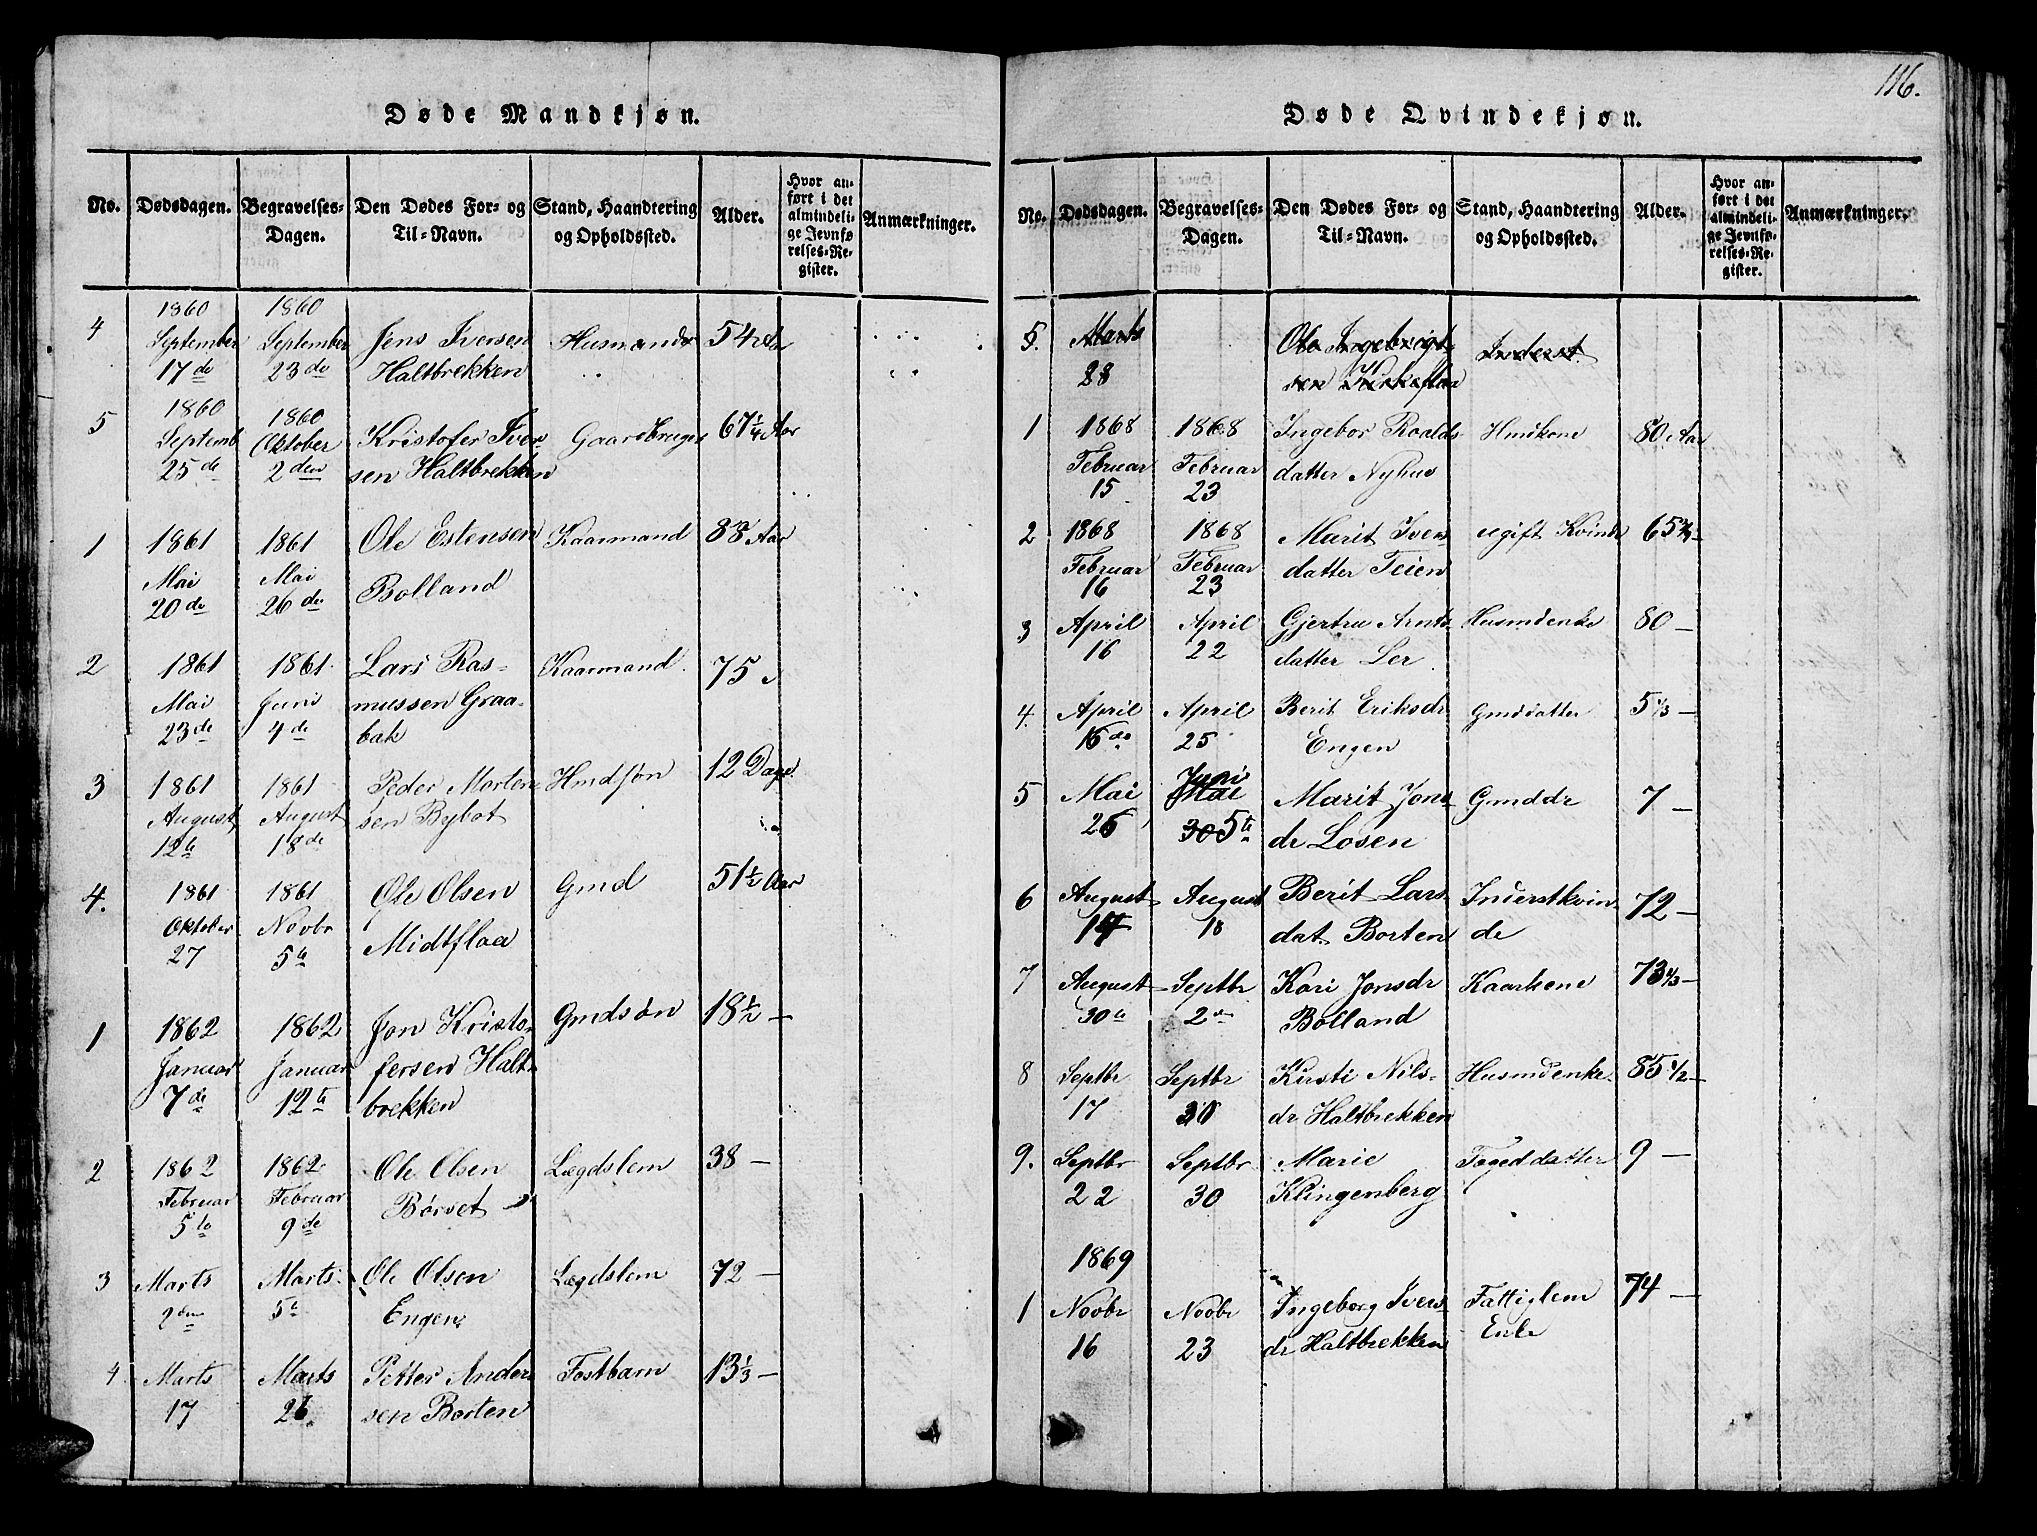 SAT, Ministerialprotokoller, klokkerbøker og fødselsregistre - Sør-Trøndelag, 693/L1121: Klokkerbok nr. 693C02, 1816-1869, s. 116